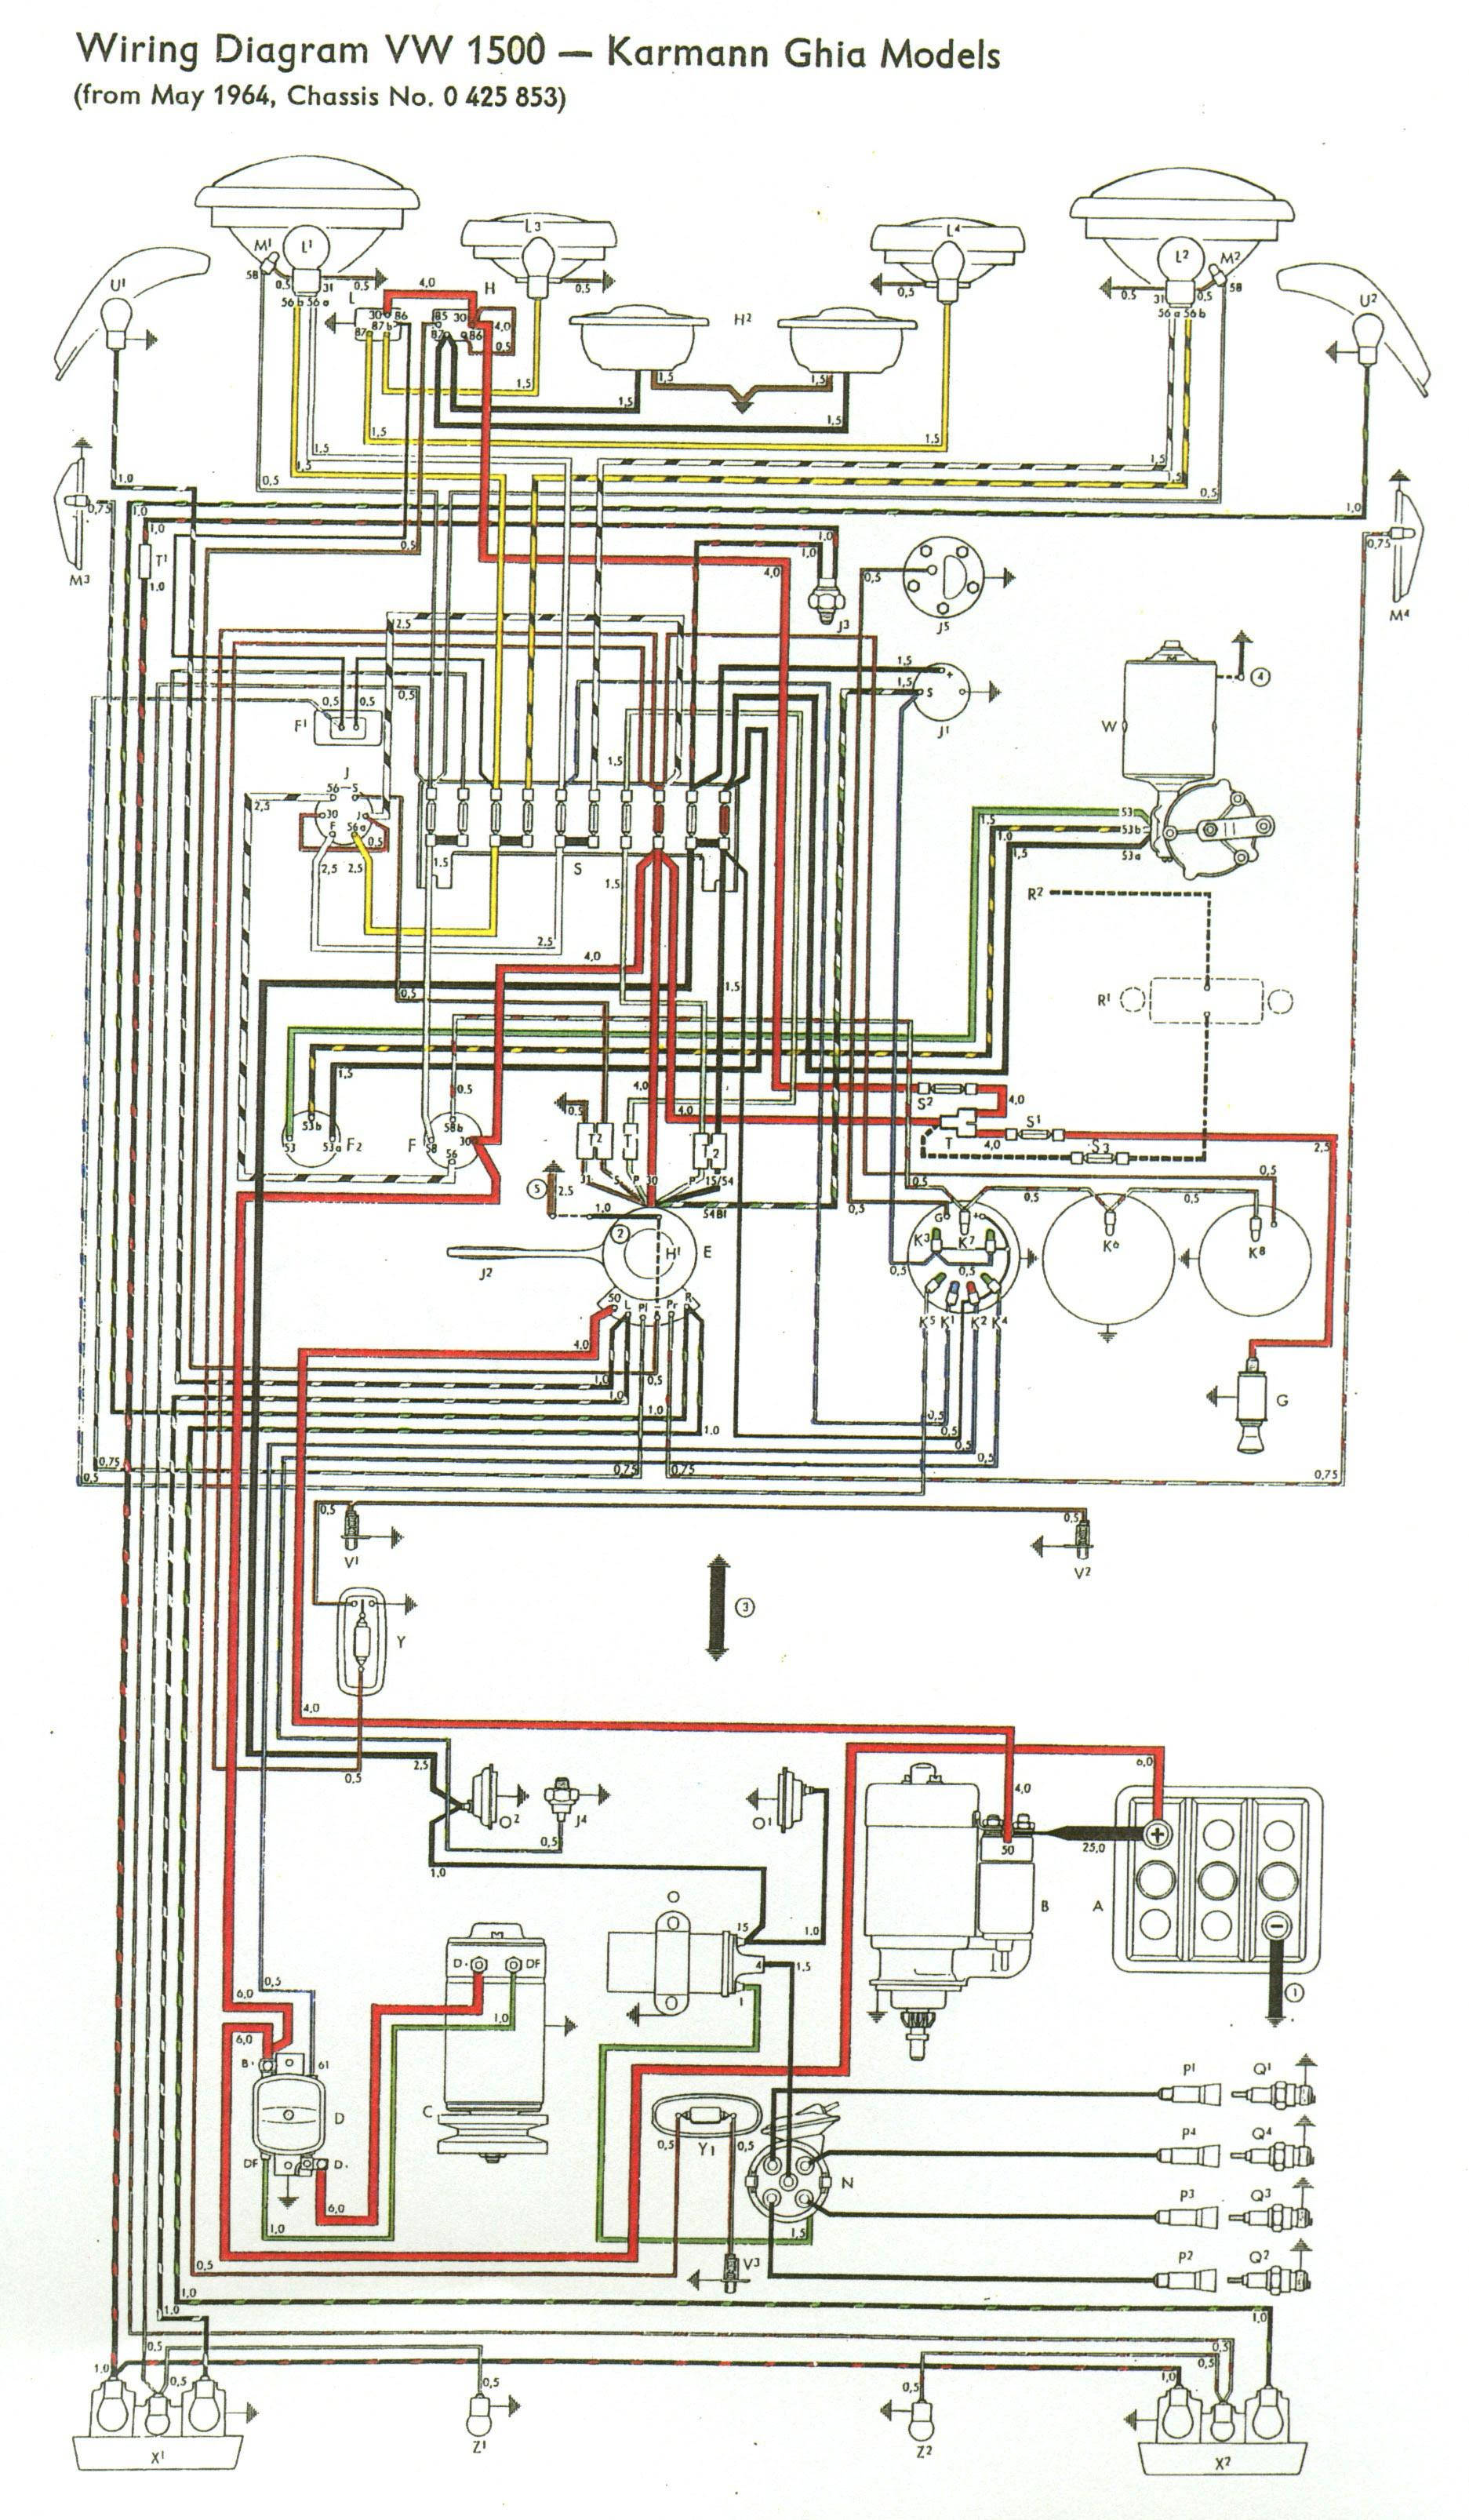 1968 Karmann Ghia Wiring Diagram 1997 Cadillac Eldorado Engine Diagram For Wiring Diagram Schematics